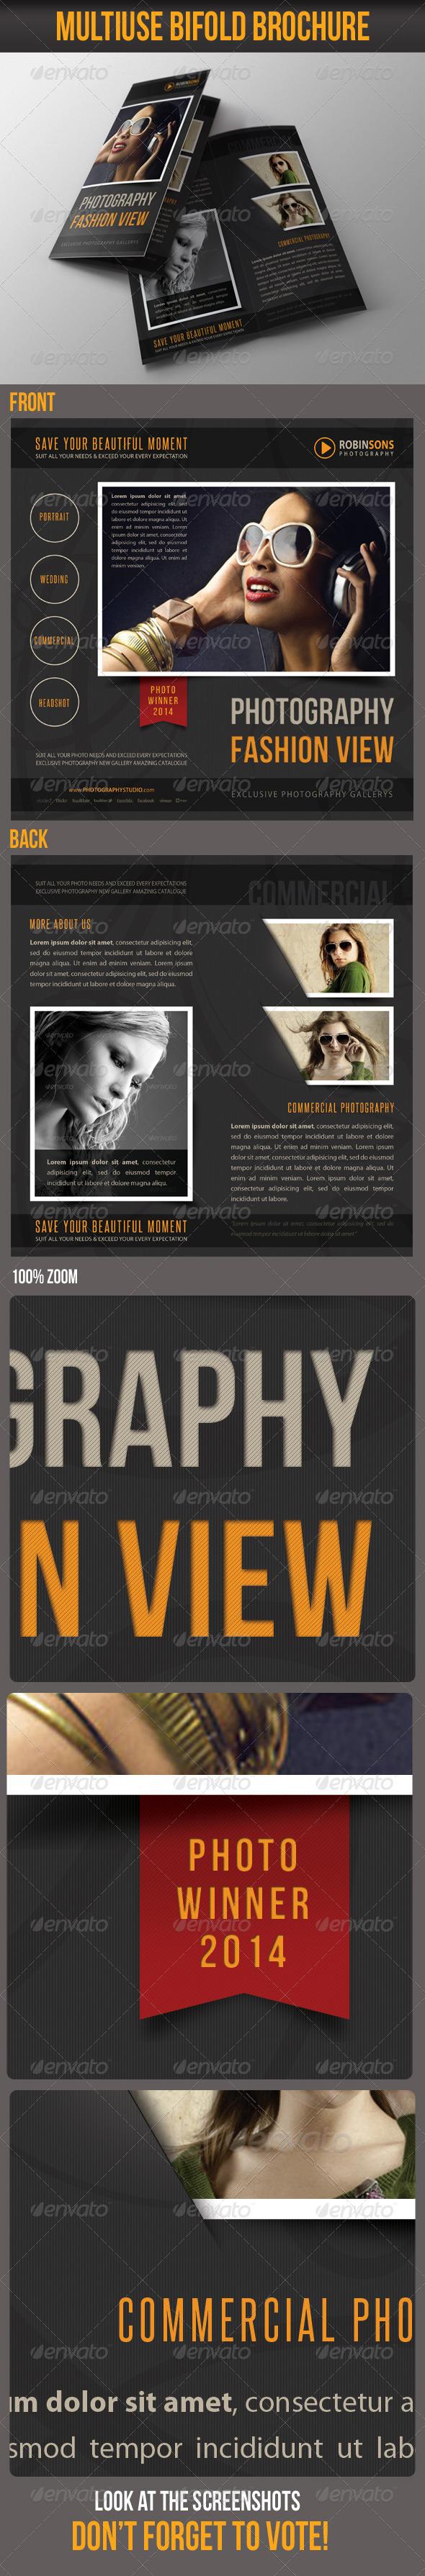 GraphicRiver Multiuse Bifold Brochure 44 6767115